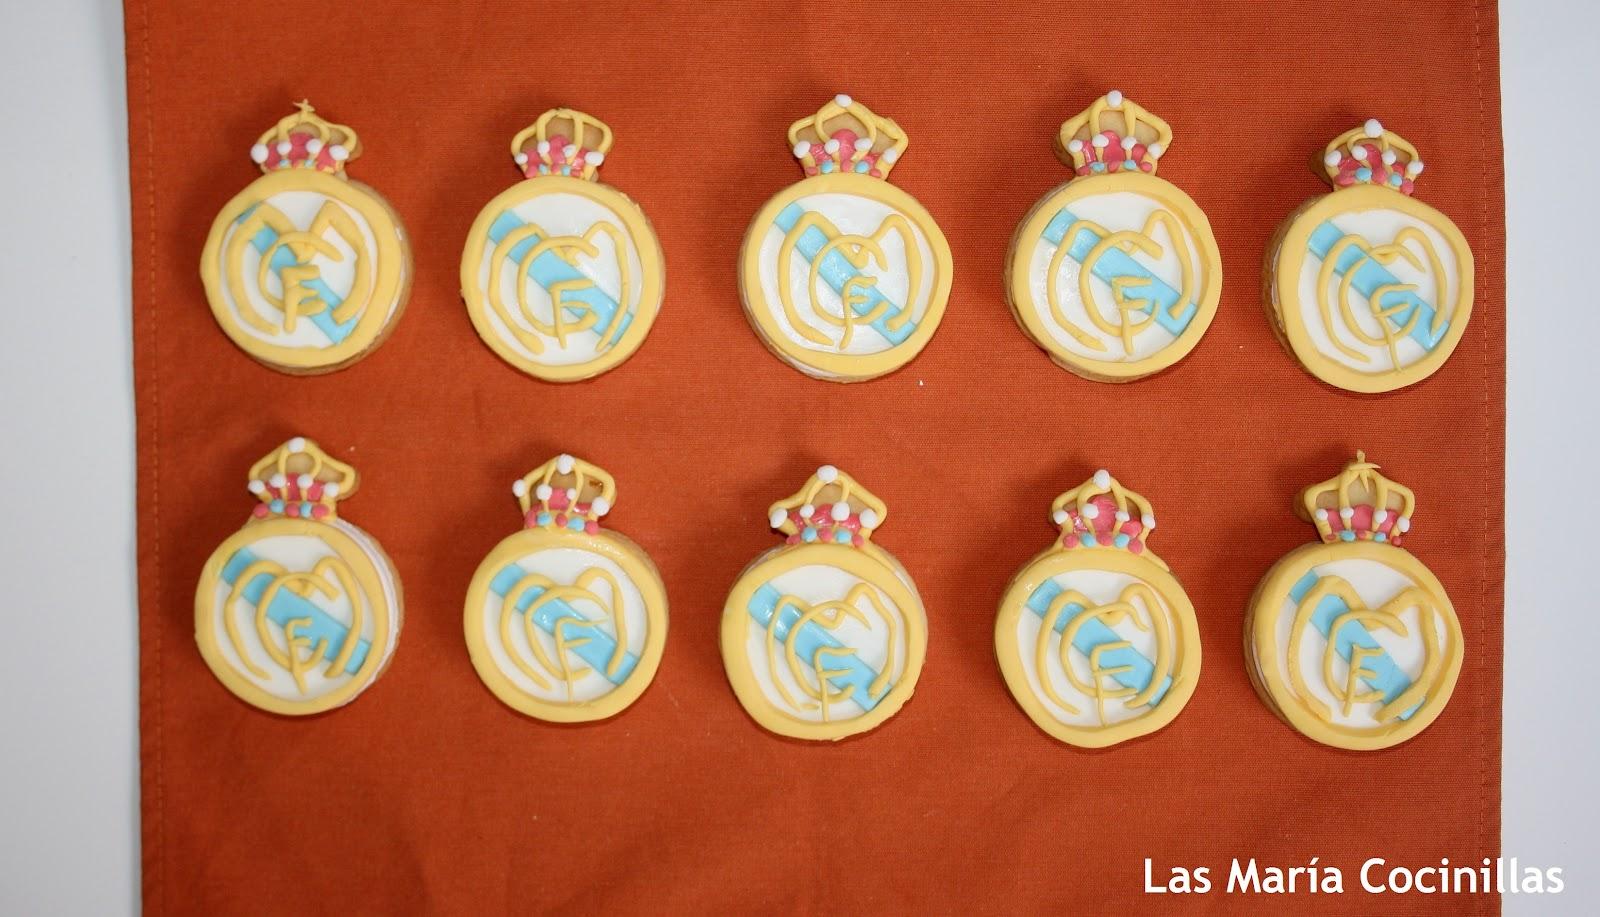 Real Madrid Galletas Decoradas Las Maria Cocinillas